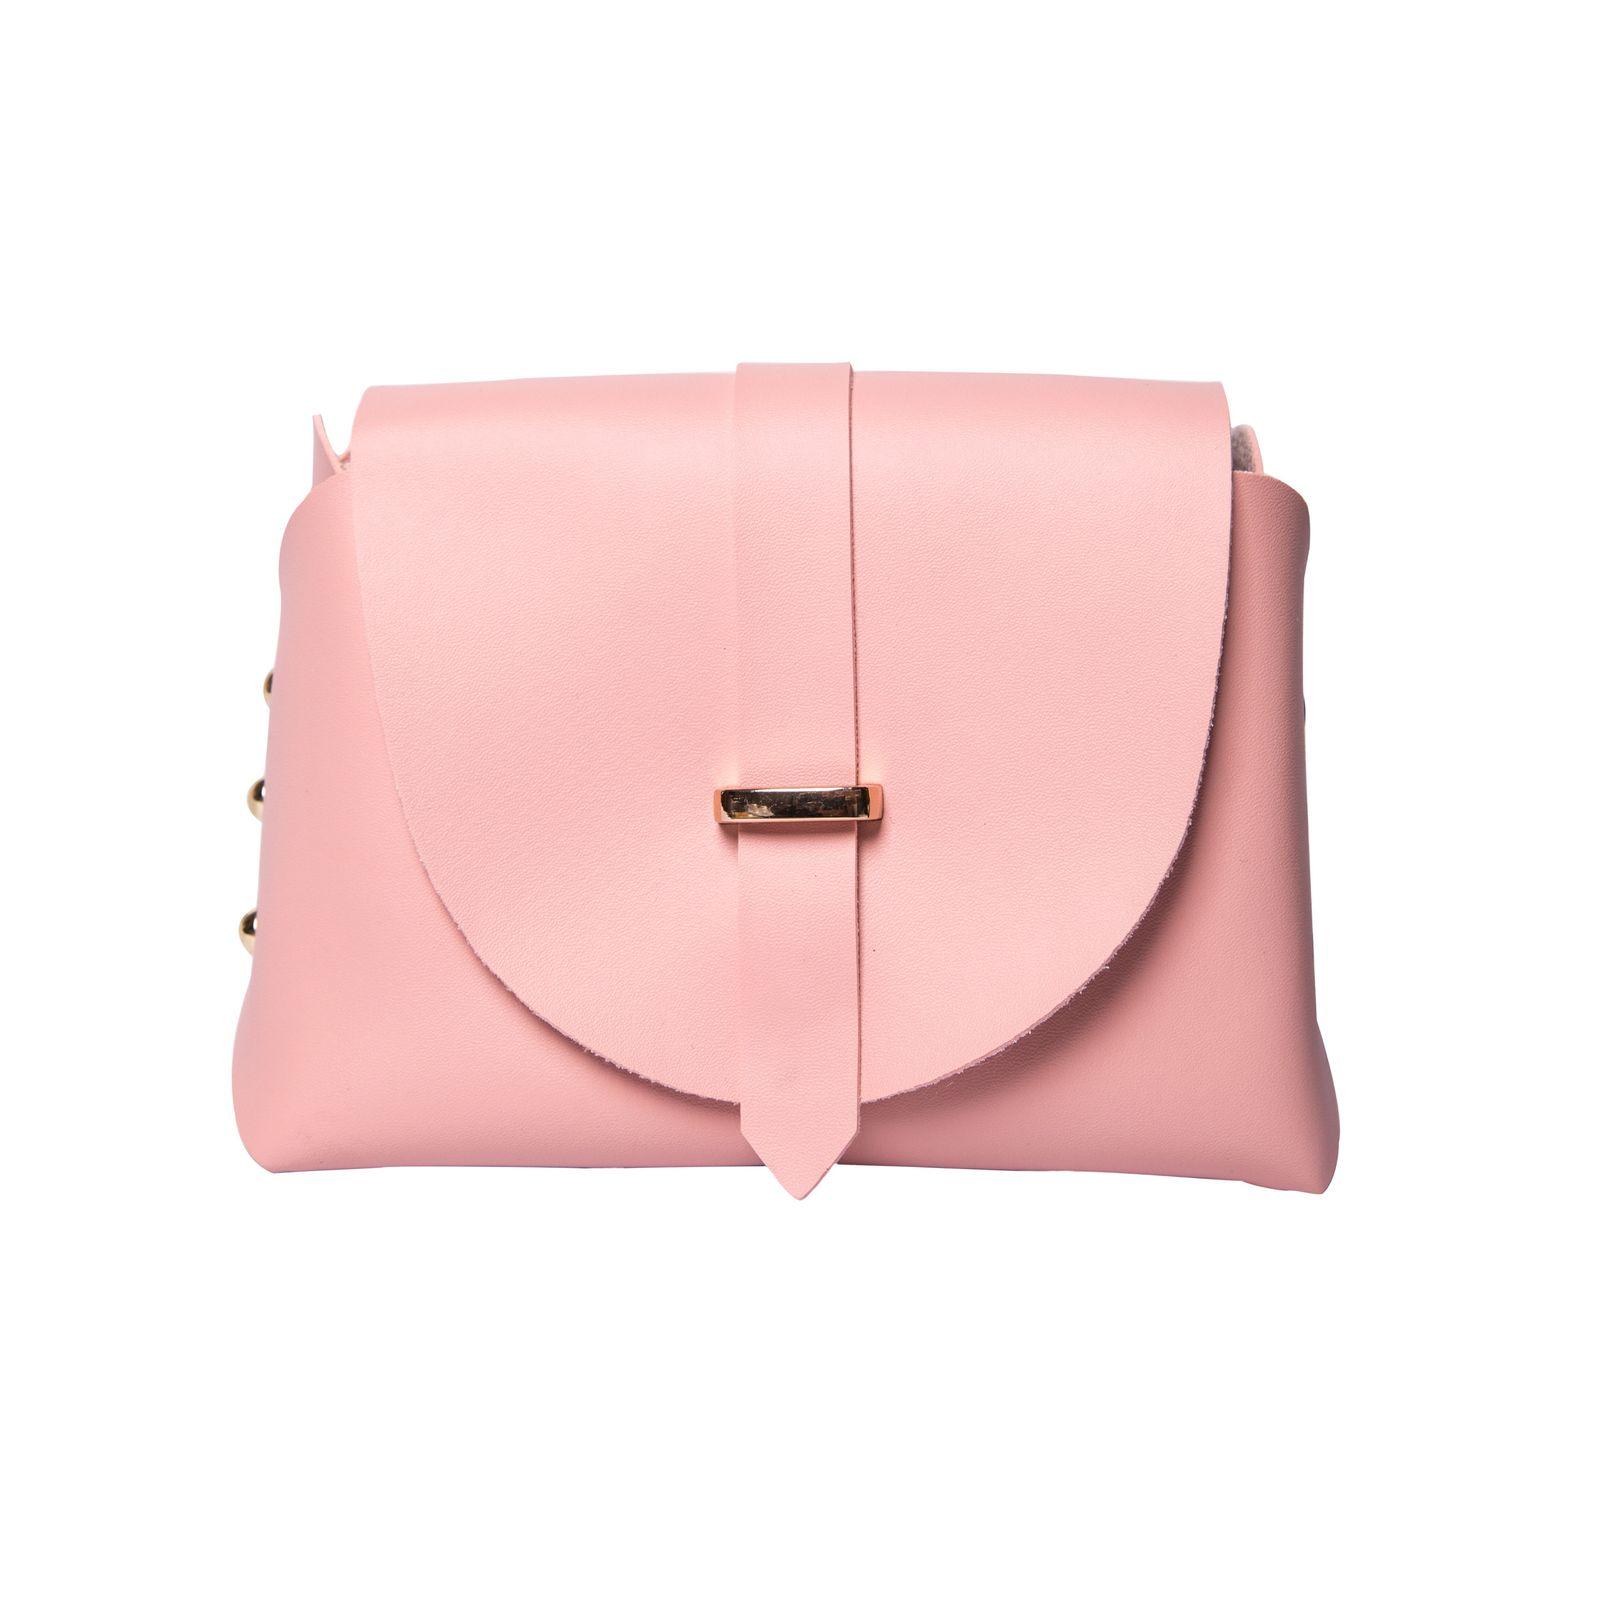 کیف دوشی زنانه مدل روشا -  - 2